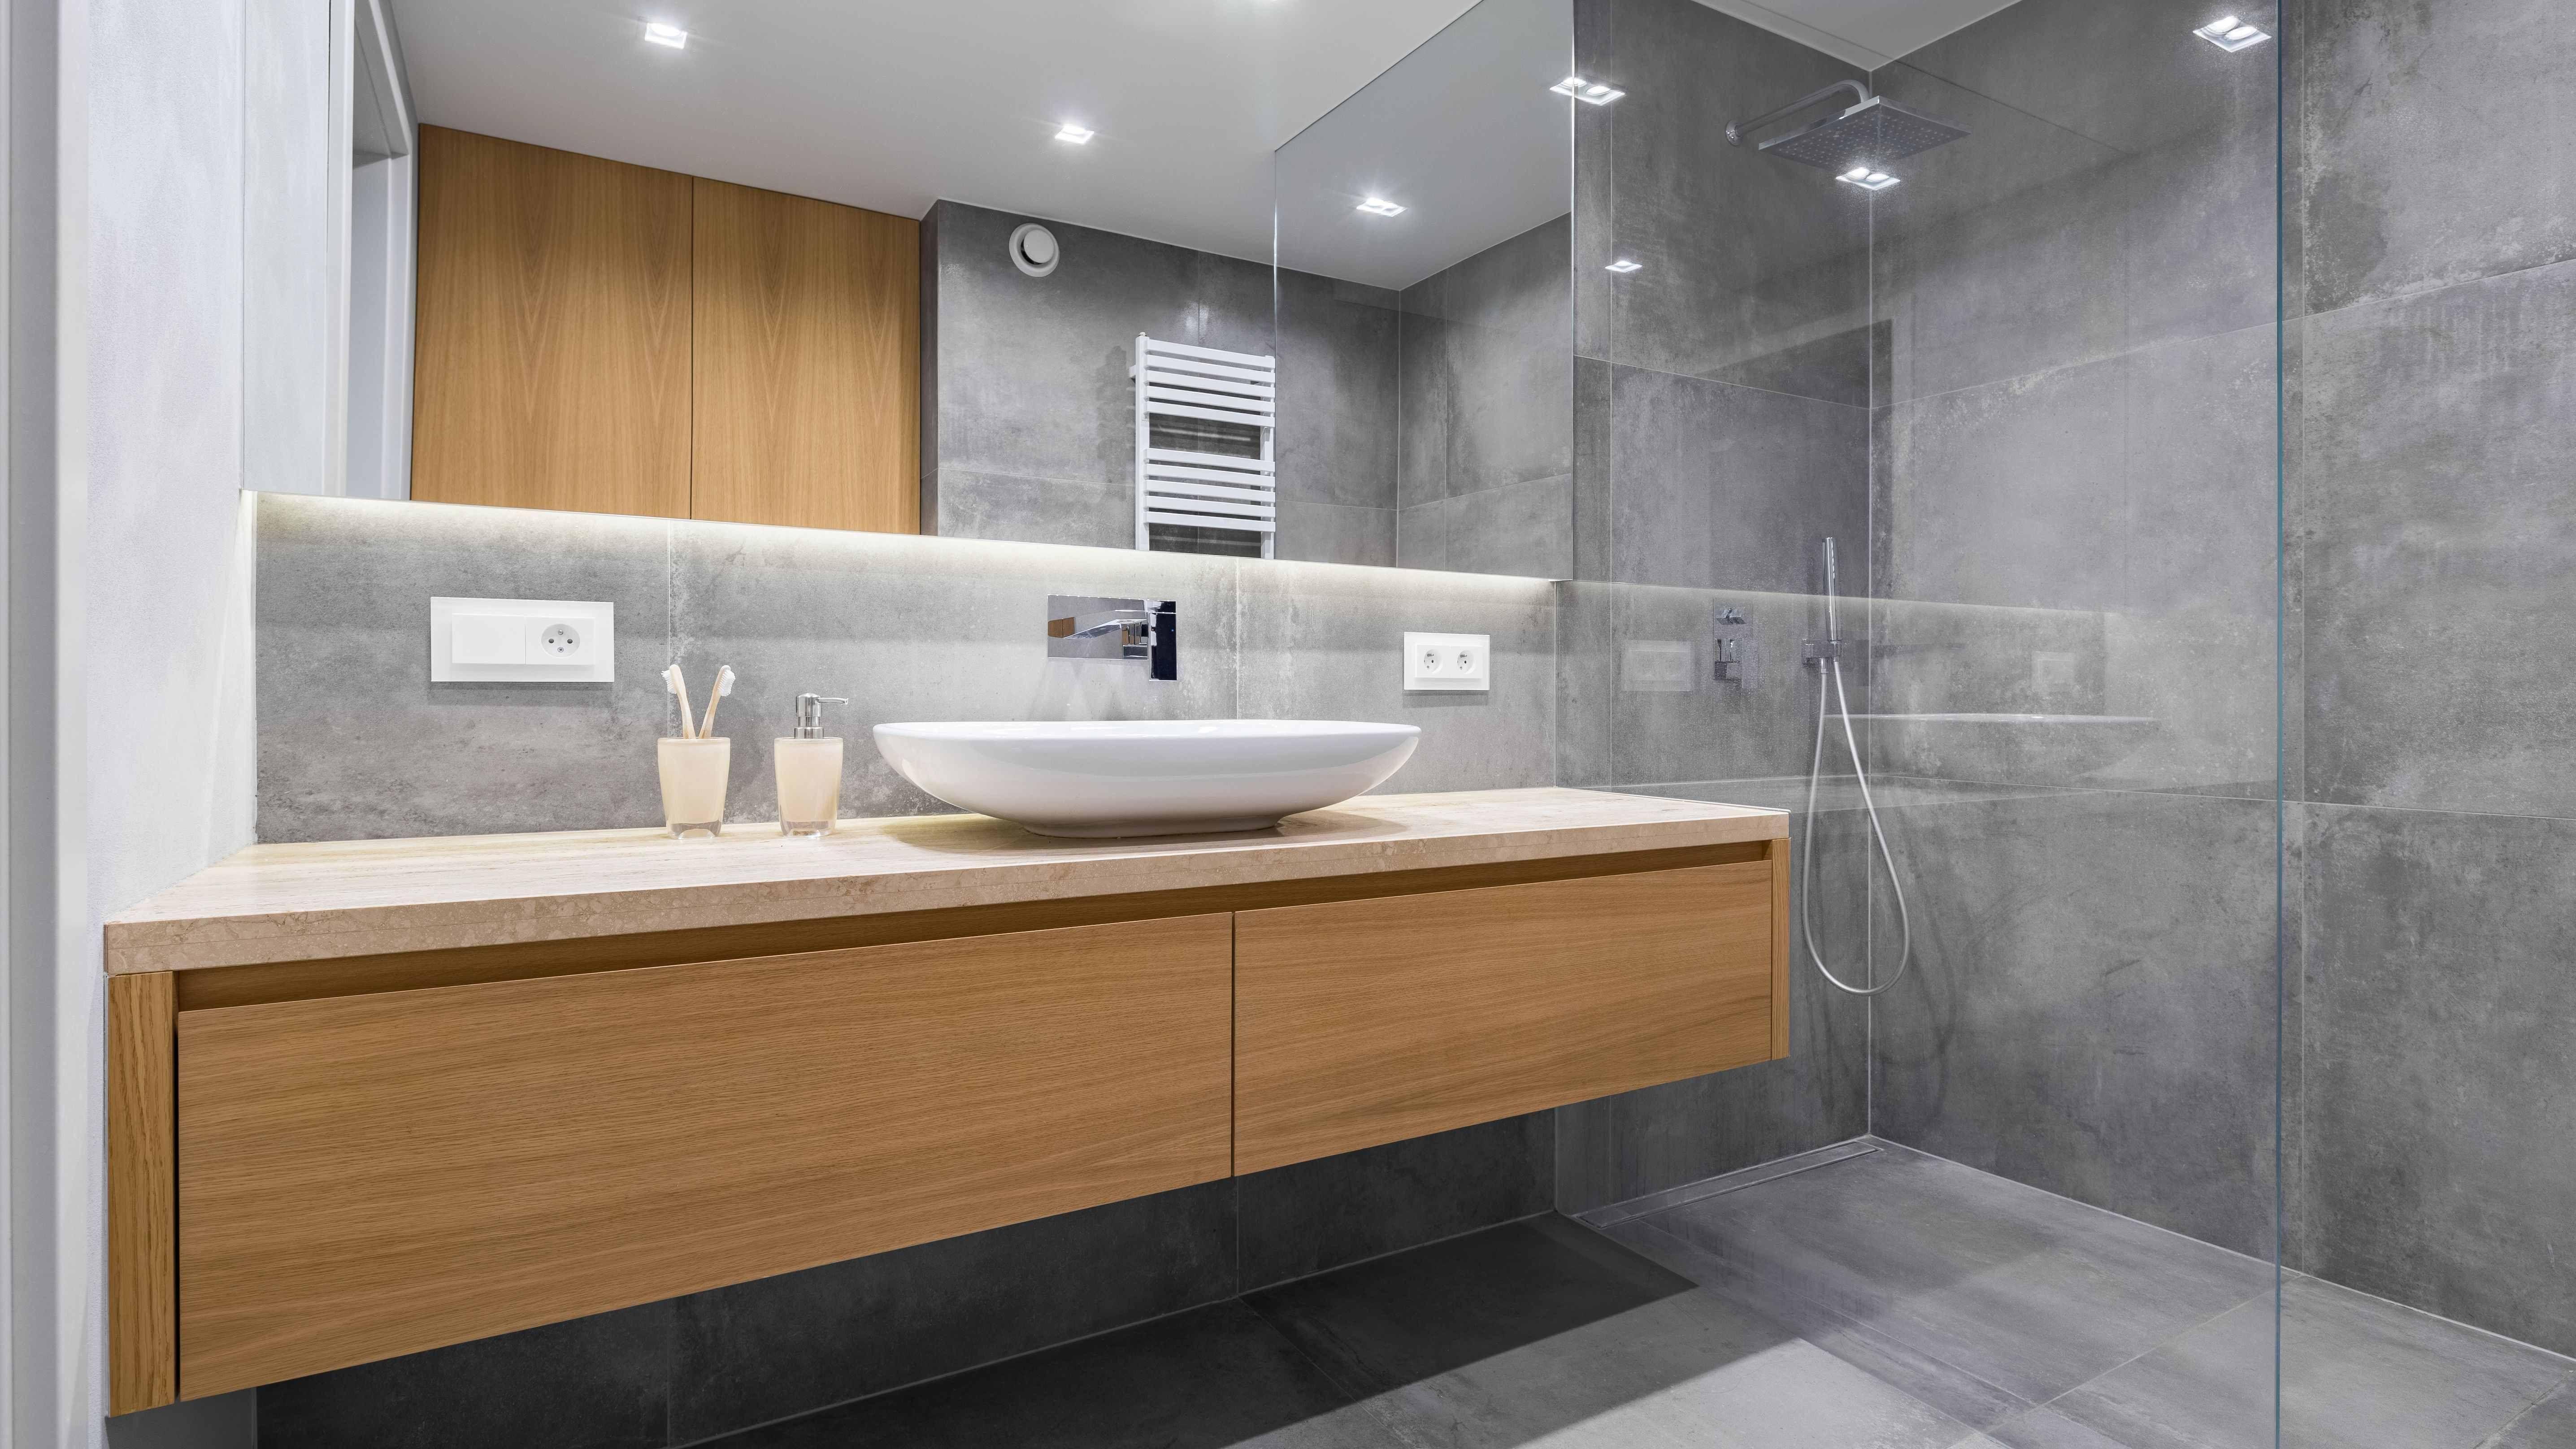 Salle de bains design :  moderne et fonctionnelle